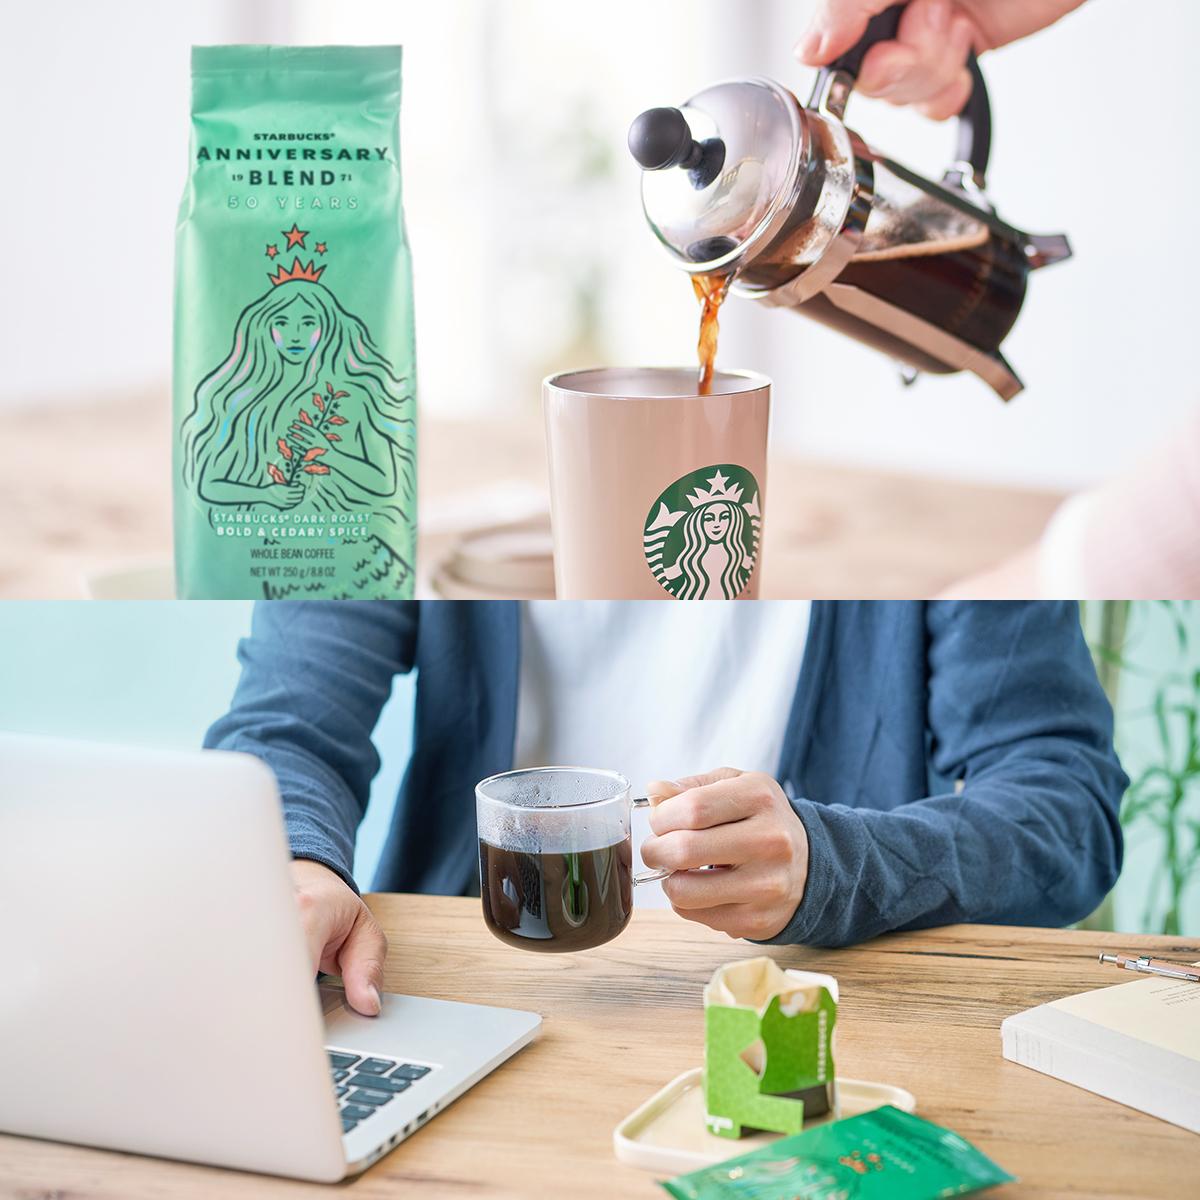 [季節のコーヒー] いろいろなスタイルではじめる、毎日のコーヒータイム。